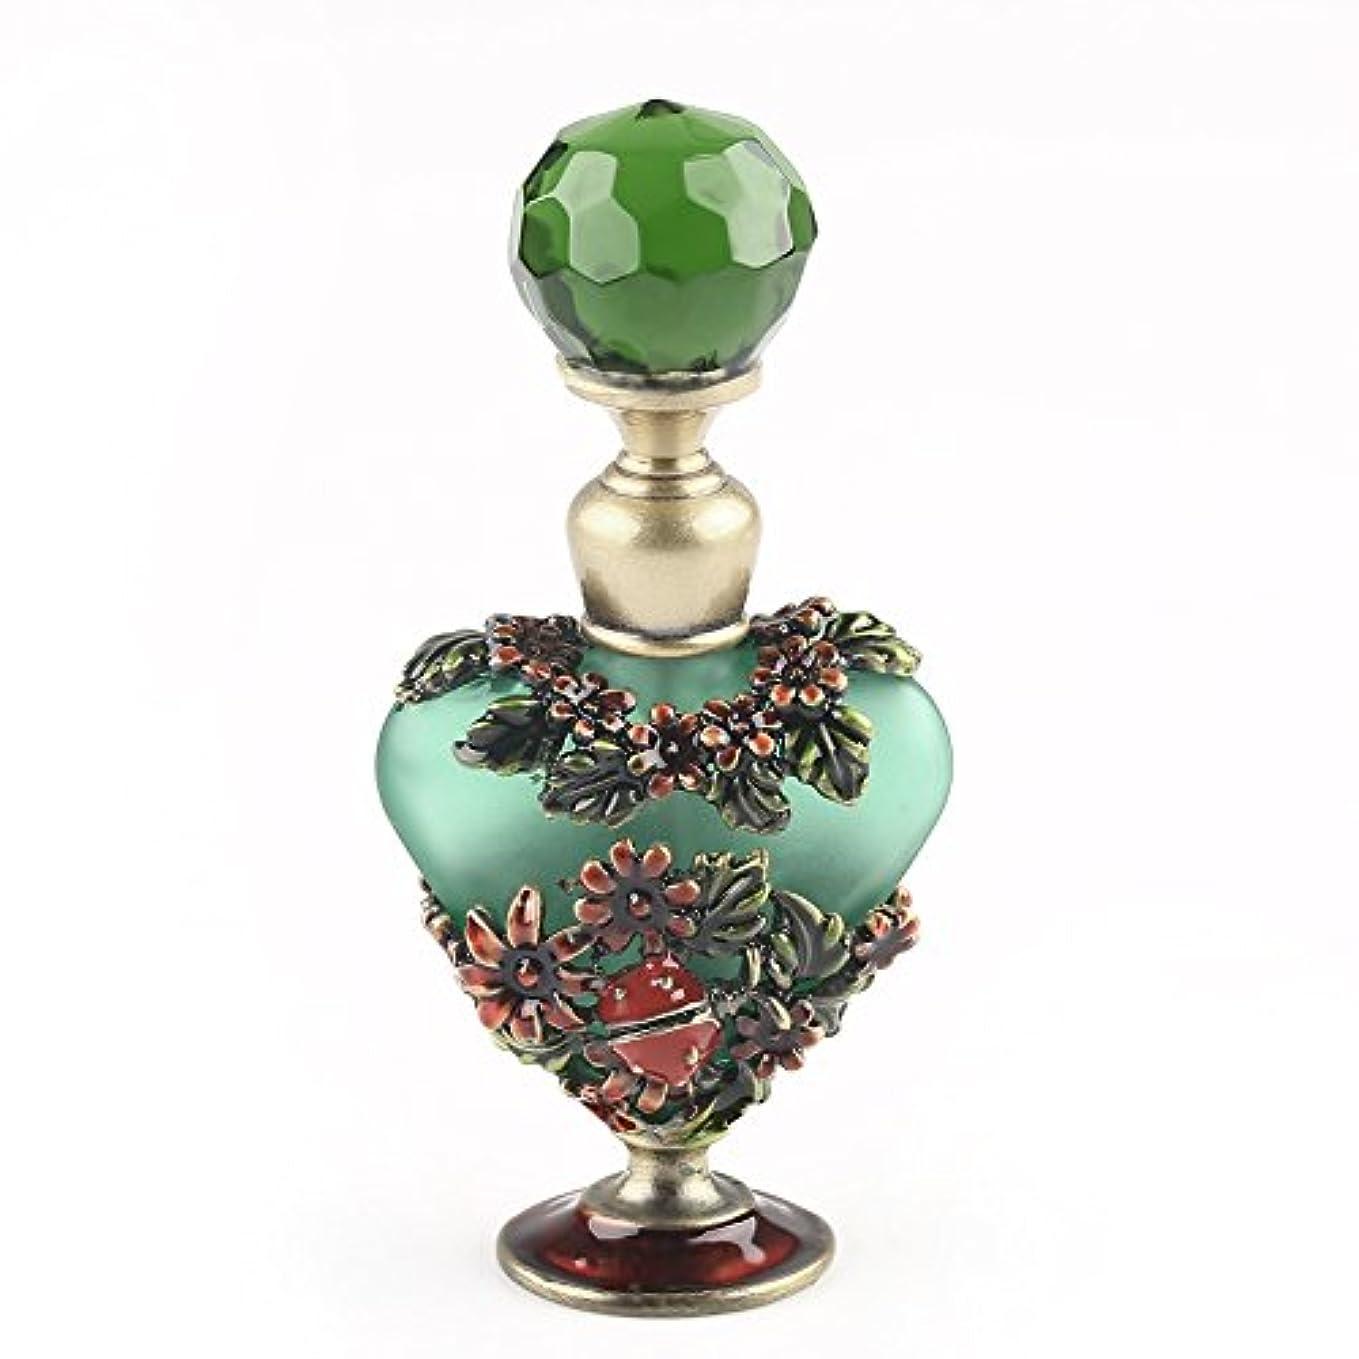 の面では選択するフラフープVERY100 高品質 美しい香水瓶/アロマボトル 5ML アロマオイル用瓶 綺麗アンティーク調 フラワーデザイン プレゼント 結婚式 飾り 70292